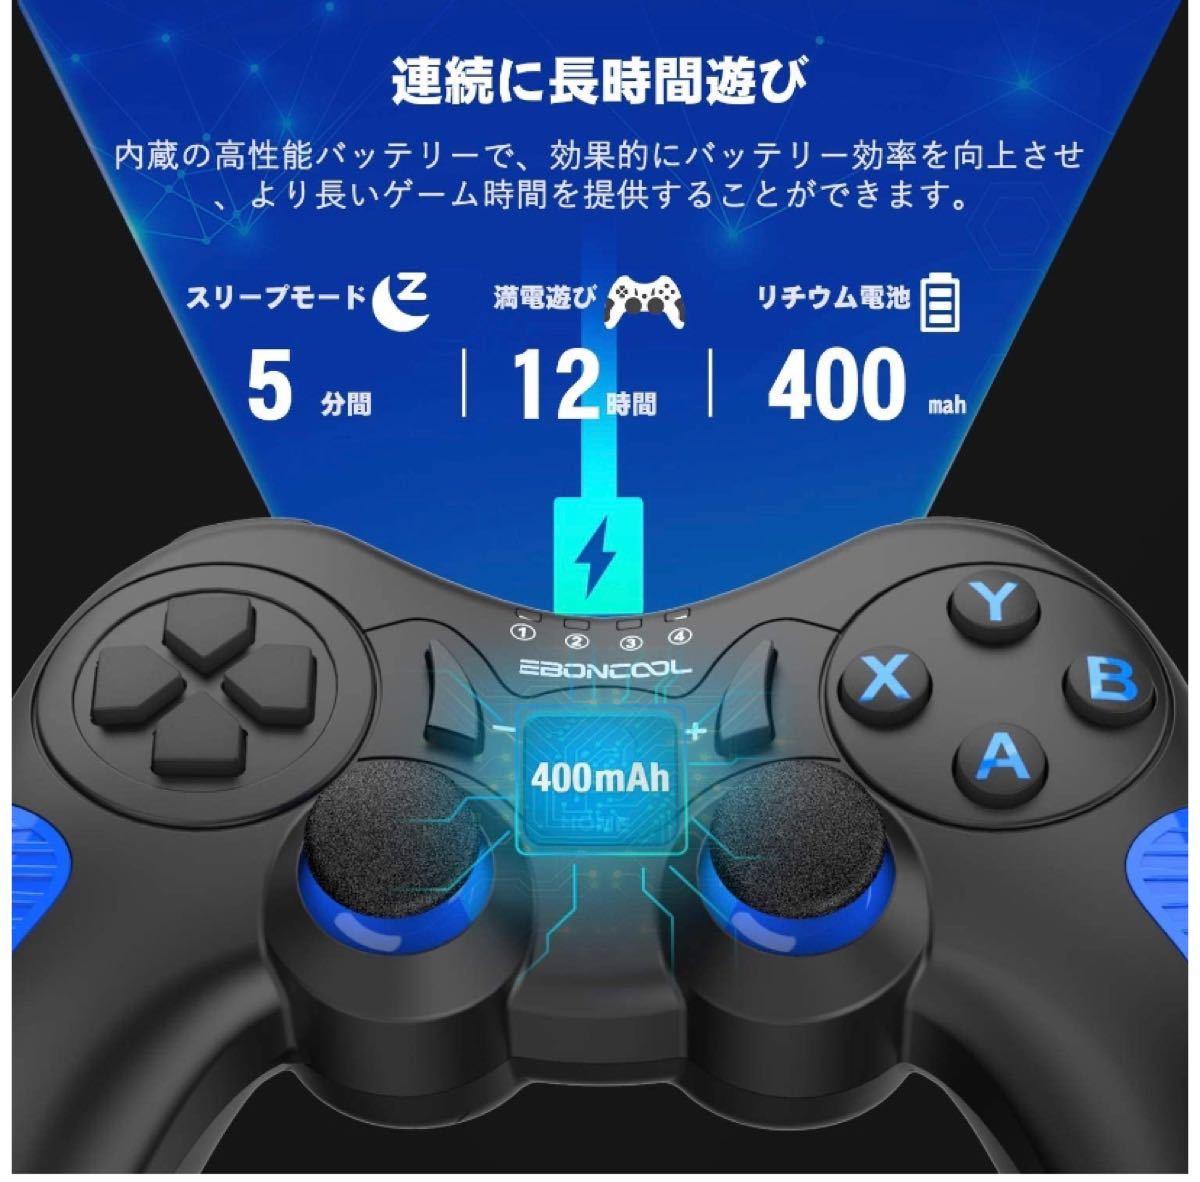 【ゲームが楽しくなる!臨場感あふれる】Switch コントローラー !HD振動